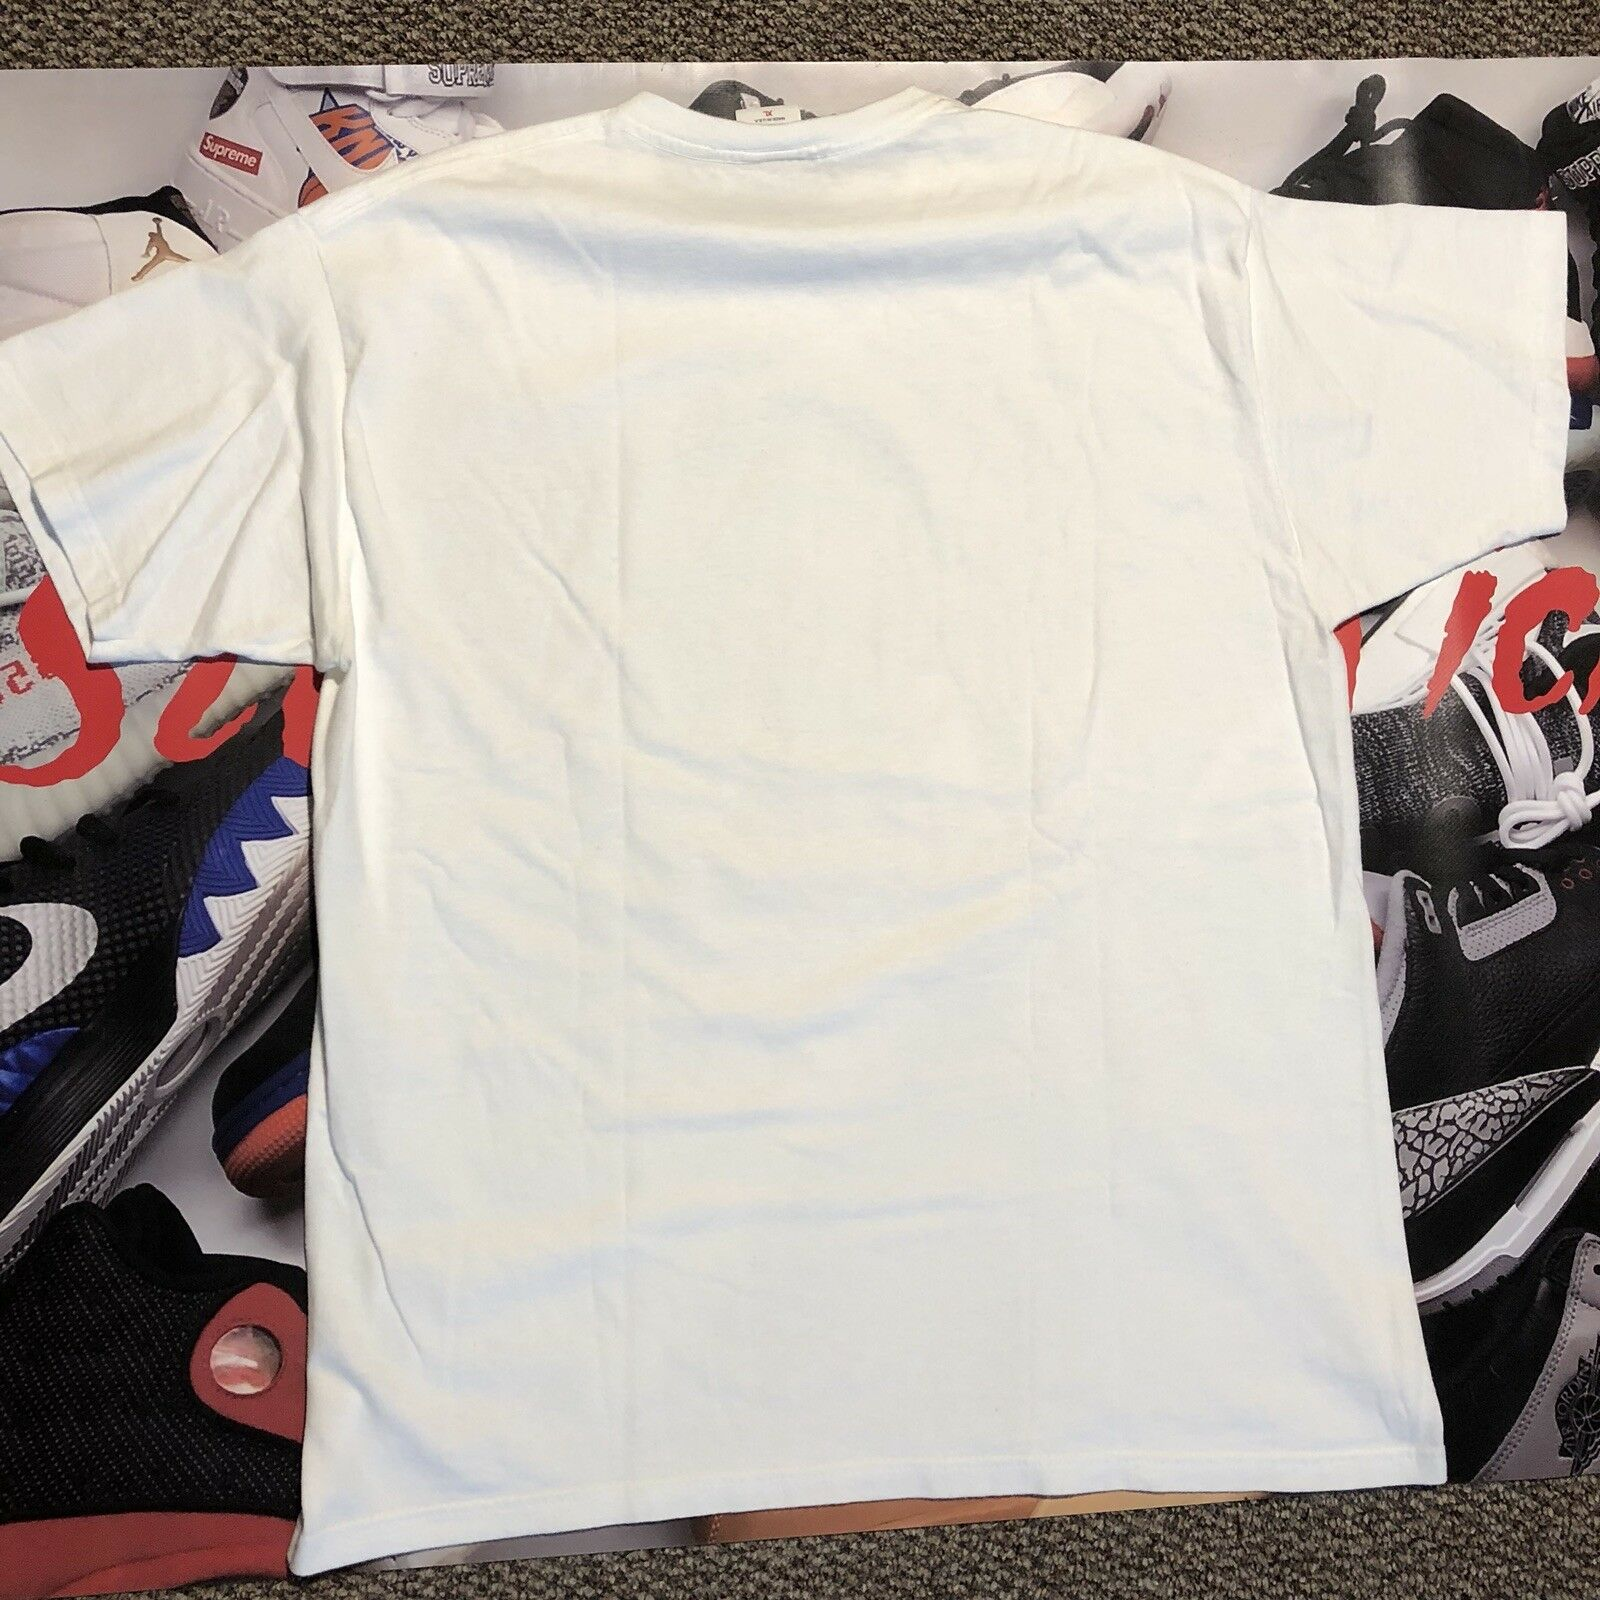 1987 Powell Peralta Bones 80s Brigade Ripper t-shirt vtg 80s Bones skateboard stedman M/L d78fea